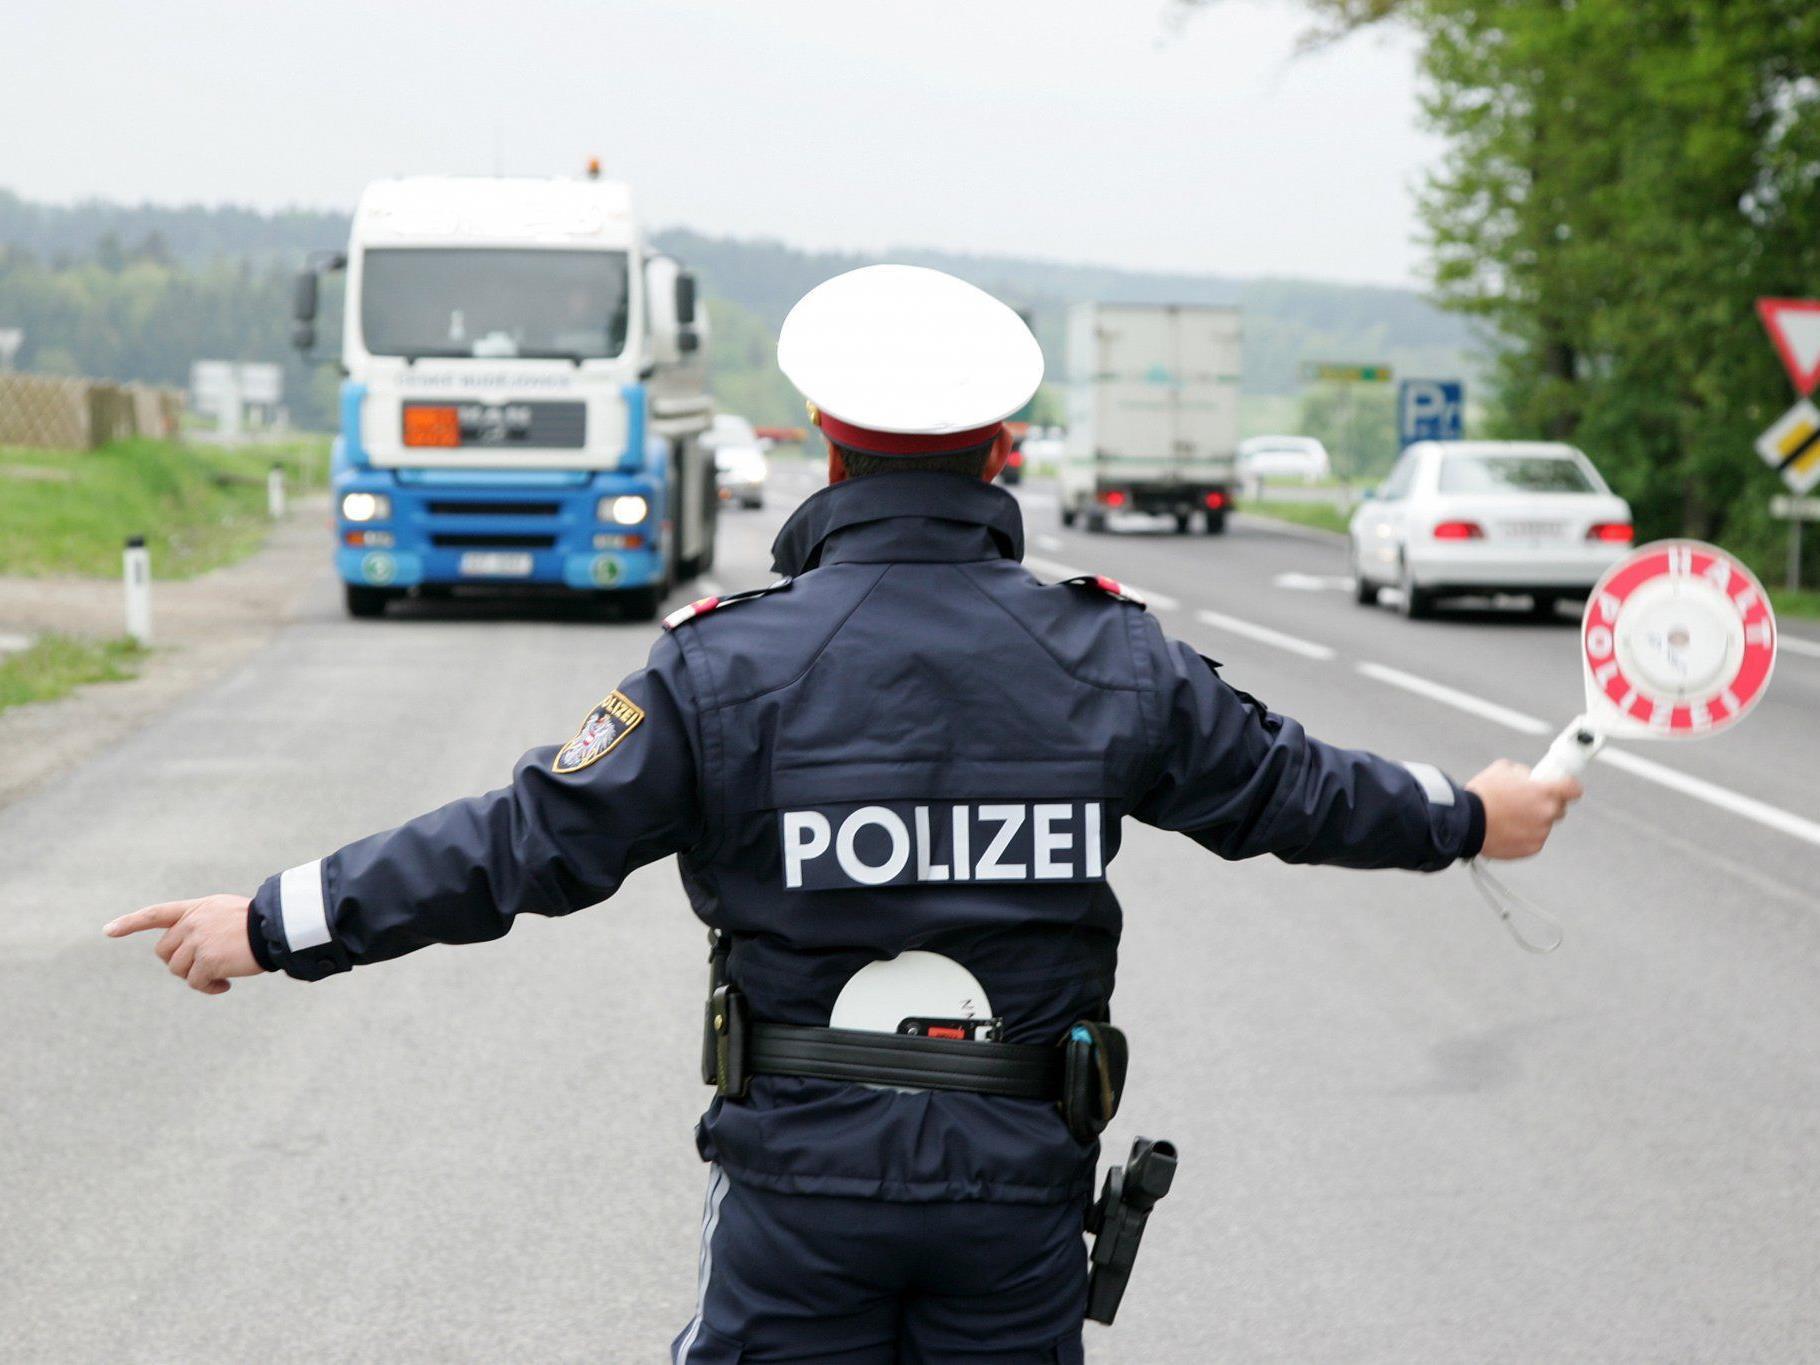 Bei den 155 kontrollierten Fahrzeugen wurden in Summe 292 Verstöße festgestellt.